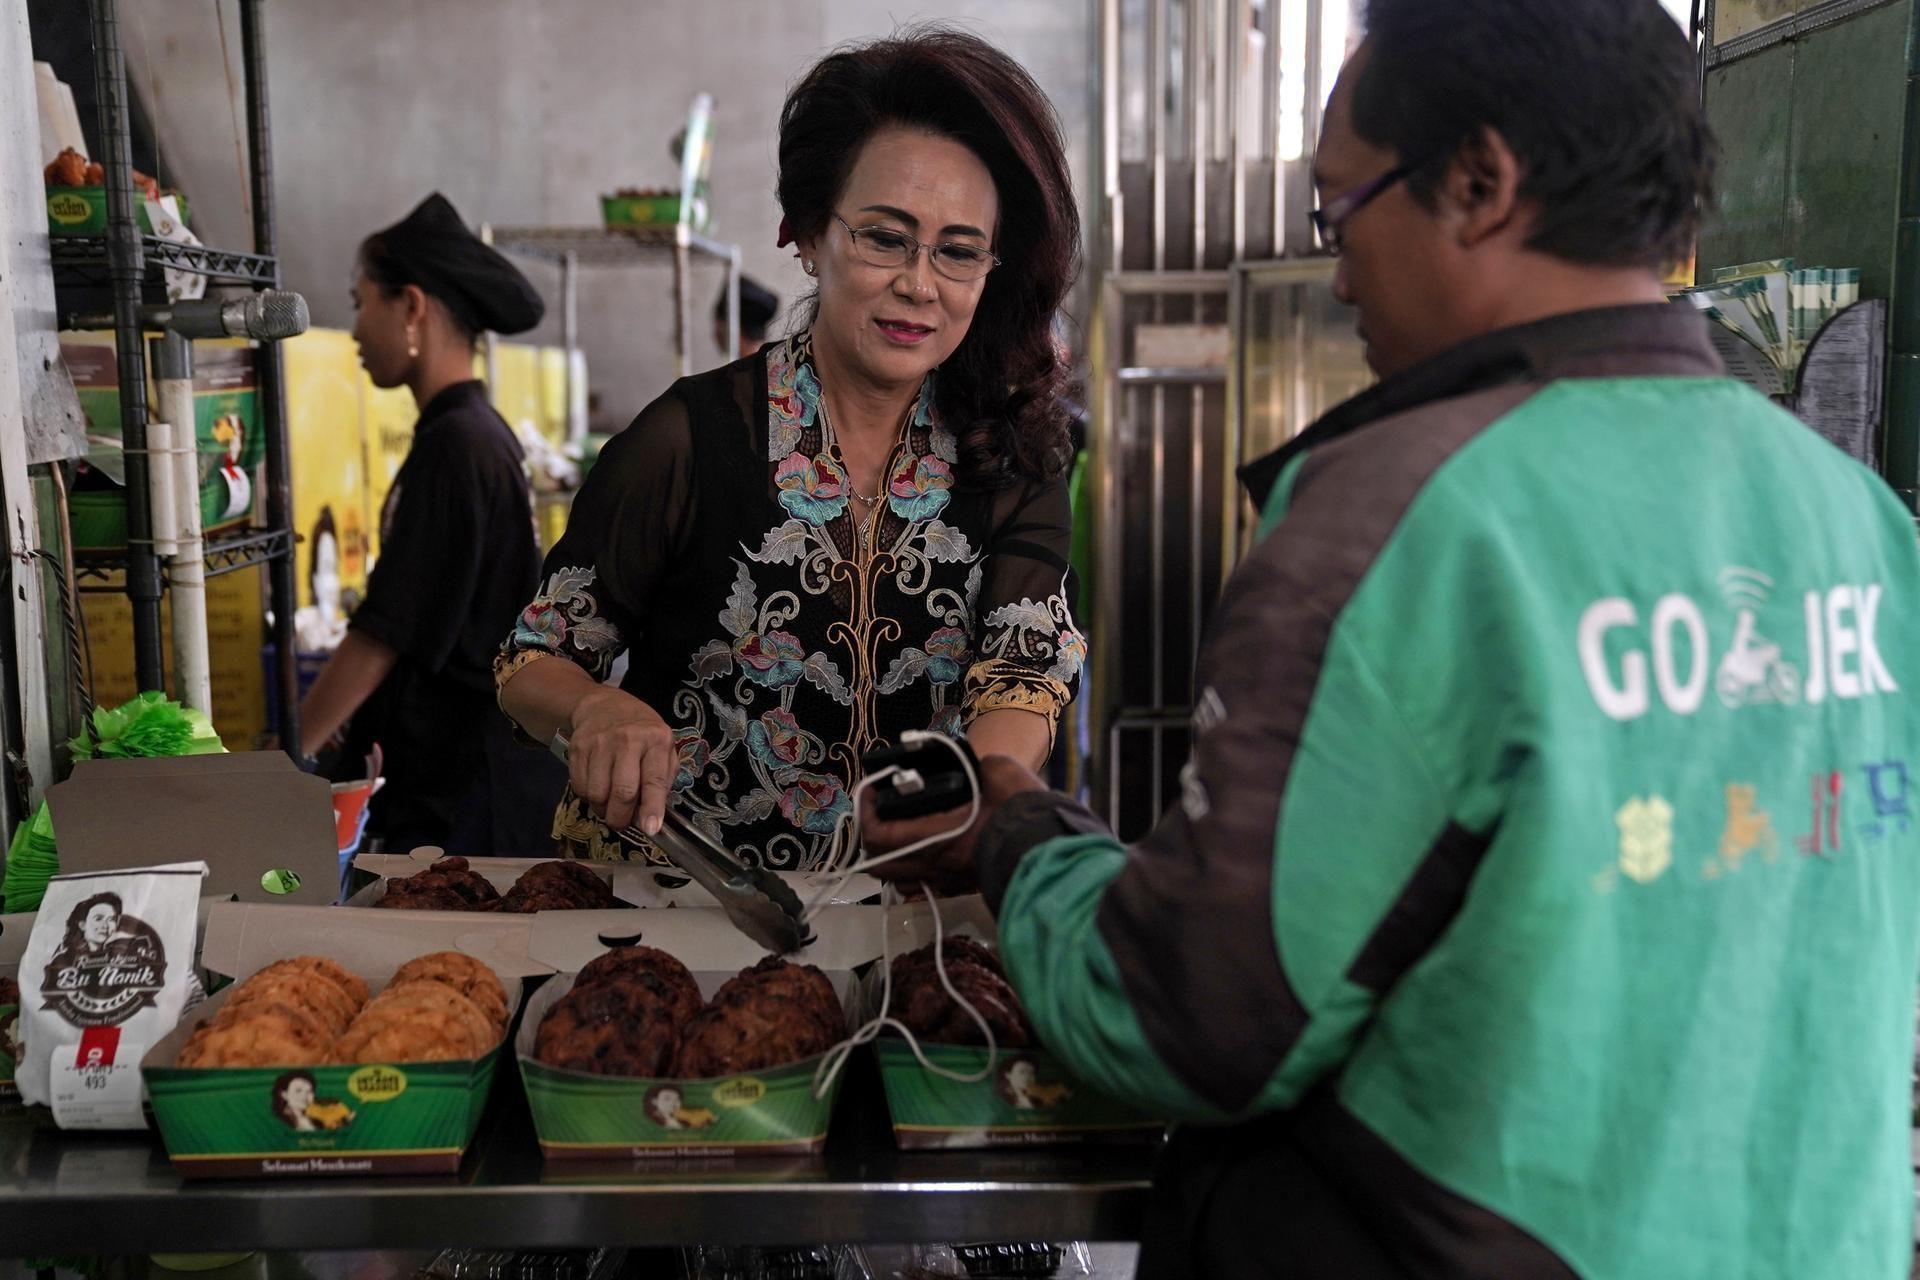 Tài xế công nghệ nhận đơn hàng tại quầy thực phẩm ở Jakarta, Indonesia. Ảnh: Bloomberg